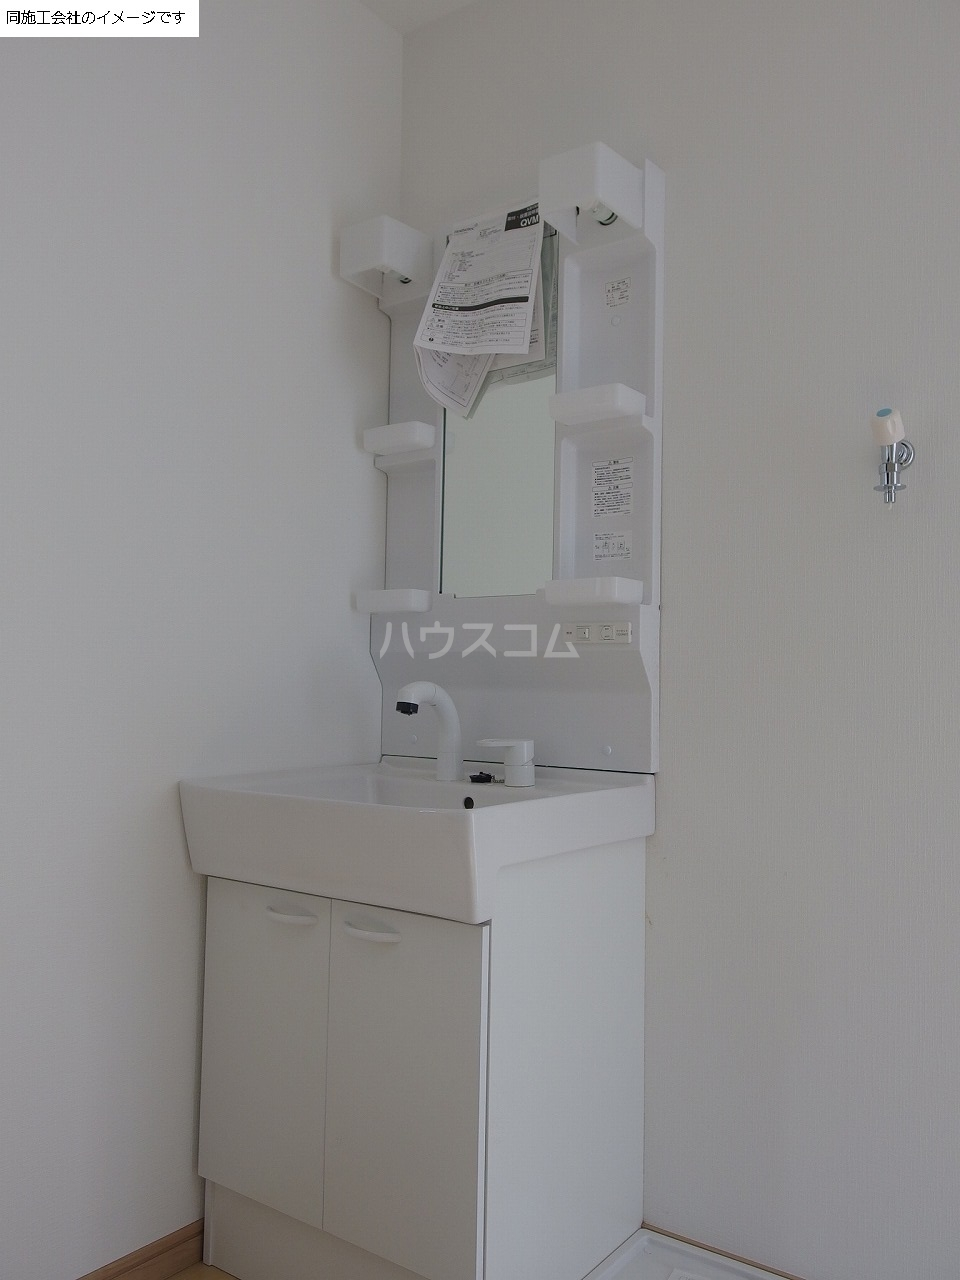 ドーム多摩 P棟 202号室の洗面所